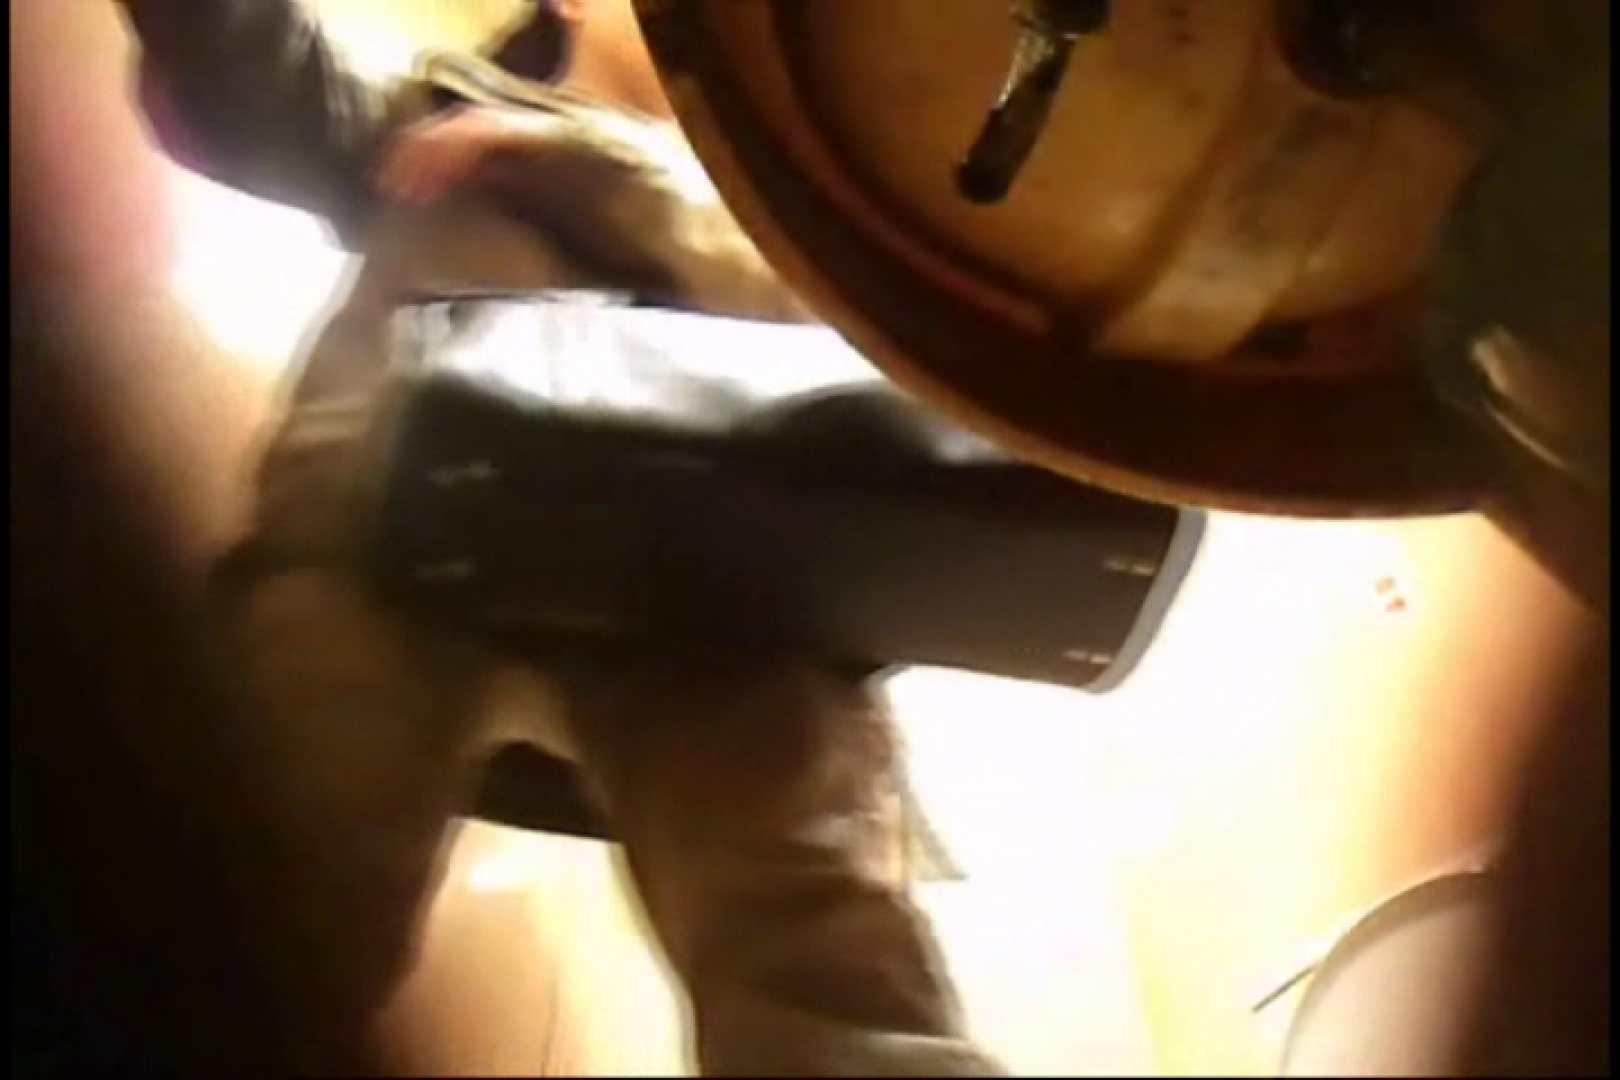 画質向上!新亀さん厠 vol.09 マンコ無修正 盗撮オマンコ無修正動画無料 65画像 16